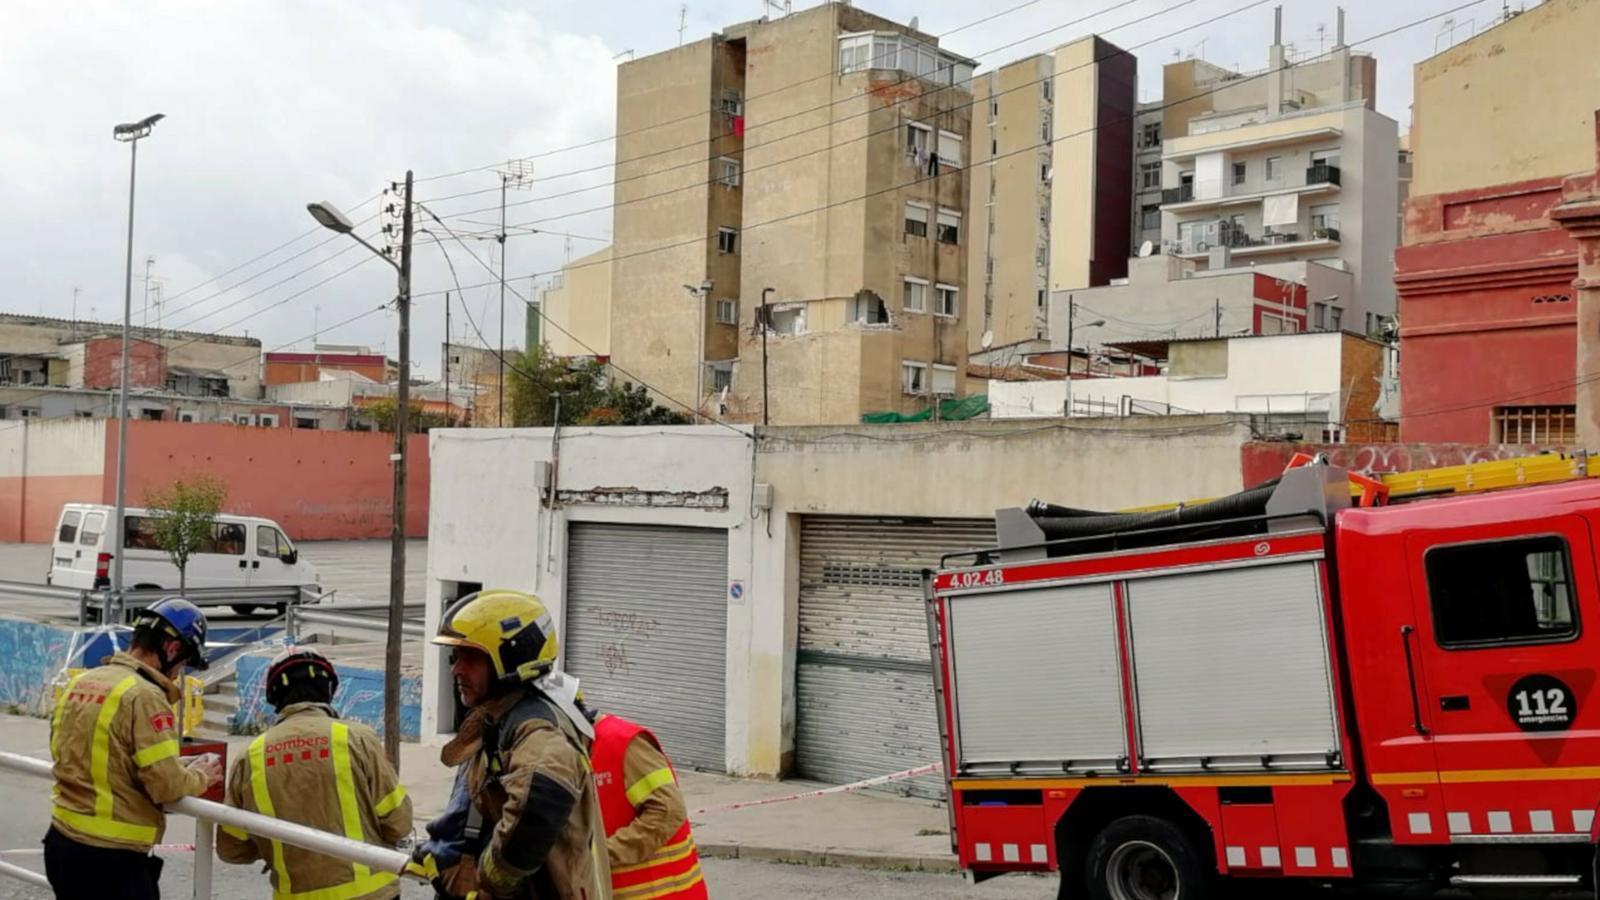 Desallotjats 100 veïns a Badalona per risc d'esfondrament d'un edifici